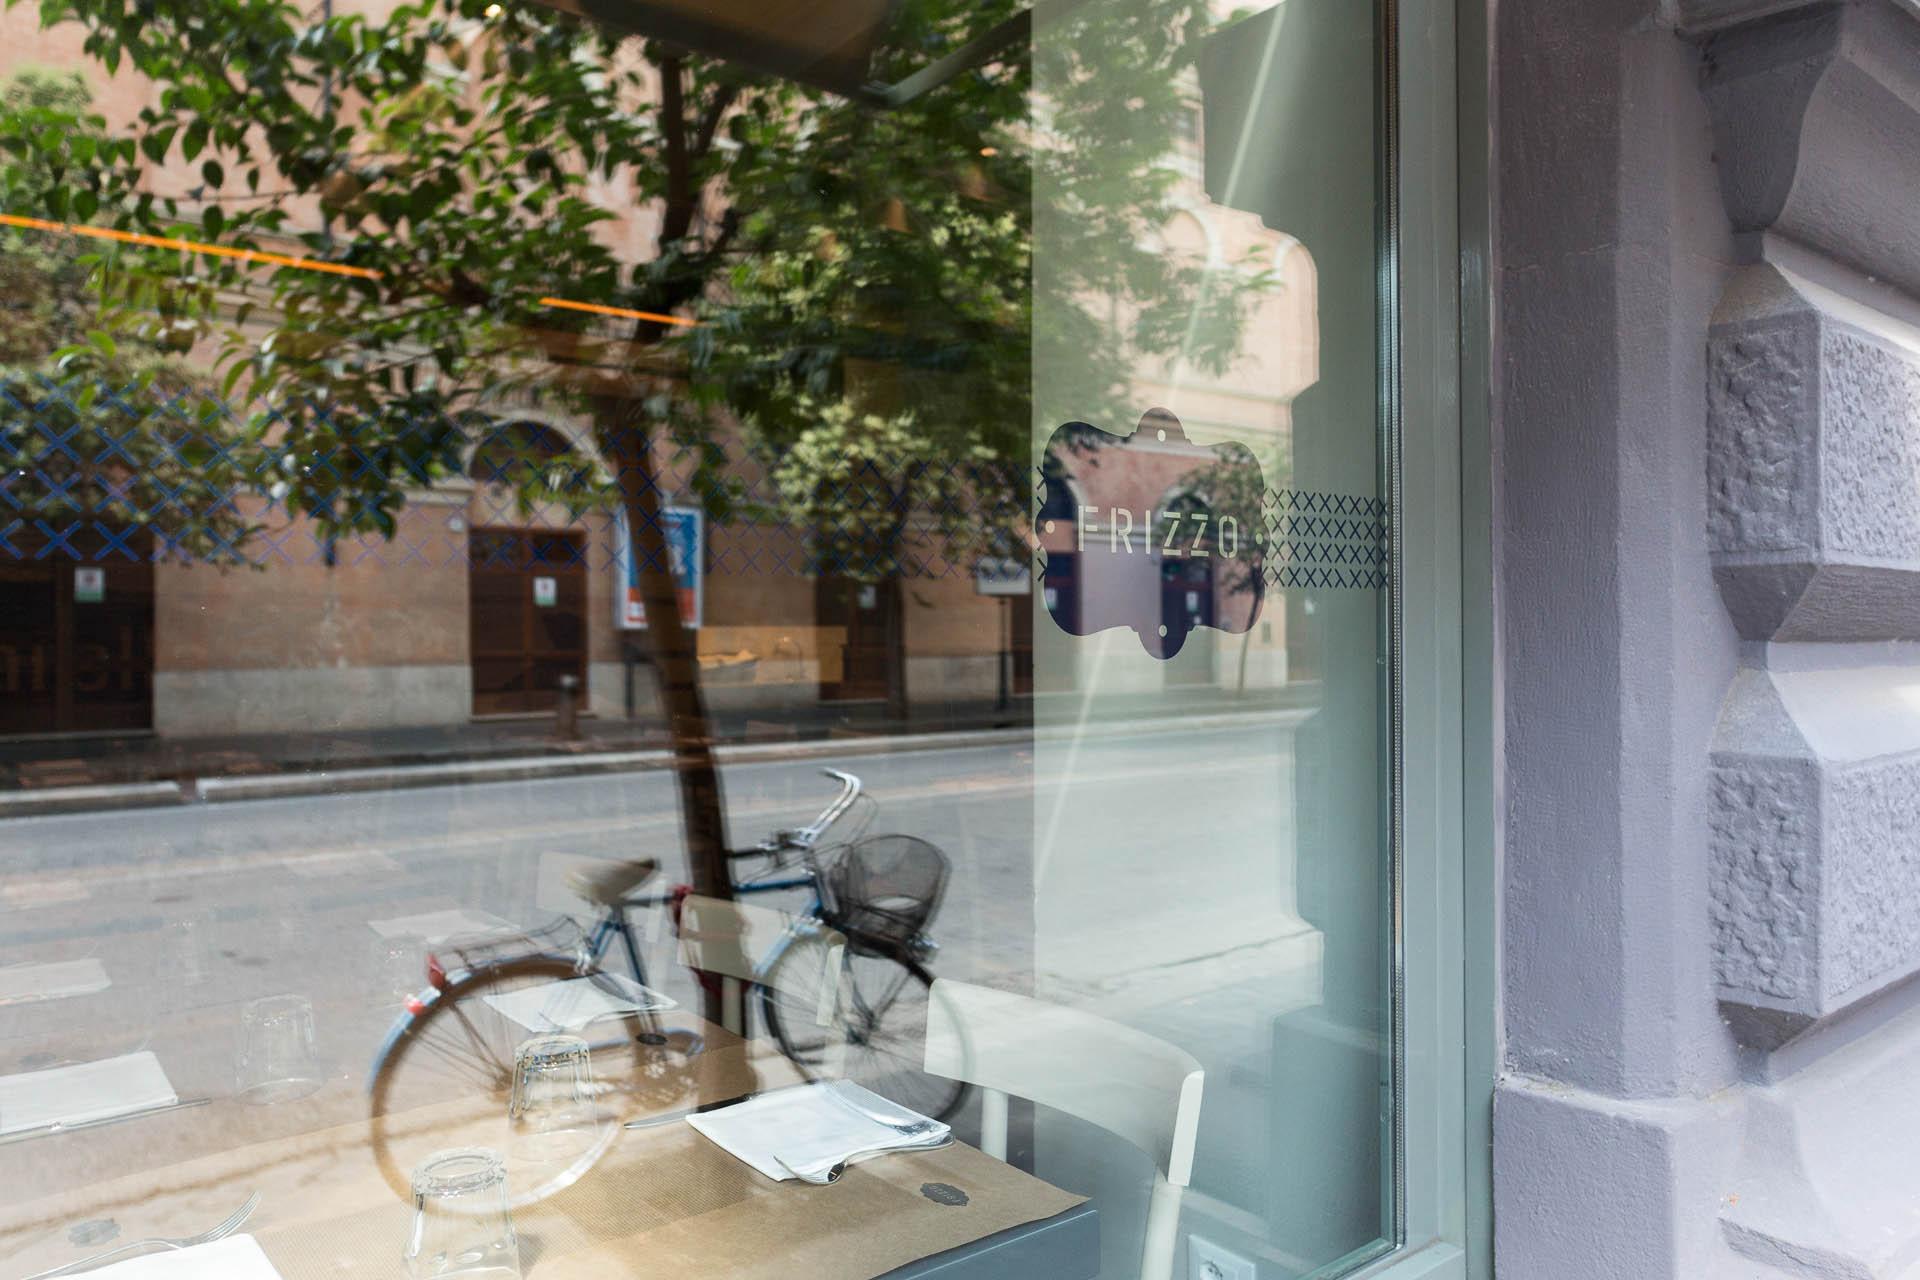 Fotografia d'interni: bicicletta riflessa nella vetrina di Frizzo, ristorante a Roma